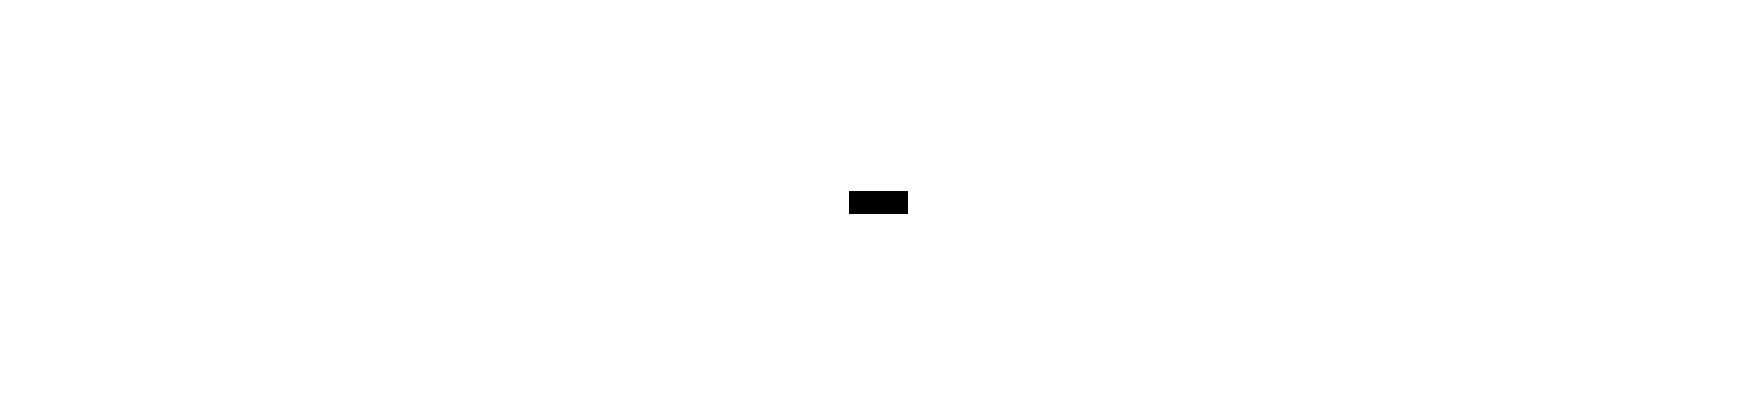 BiltokiRS-copie-29